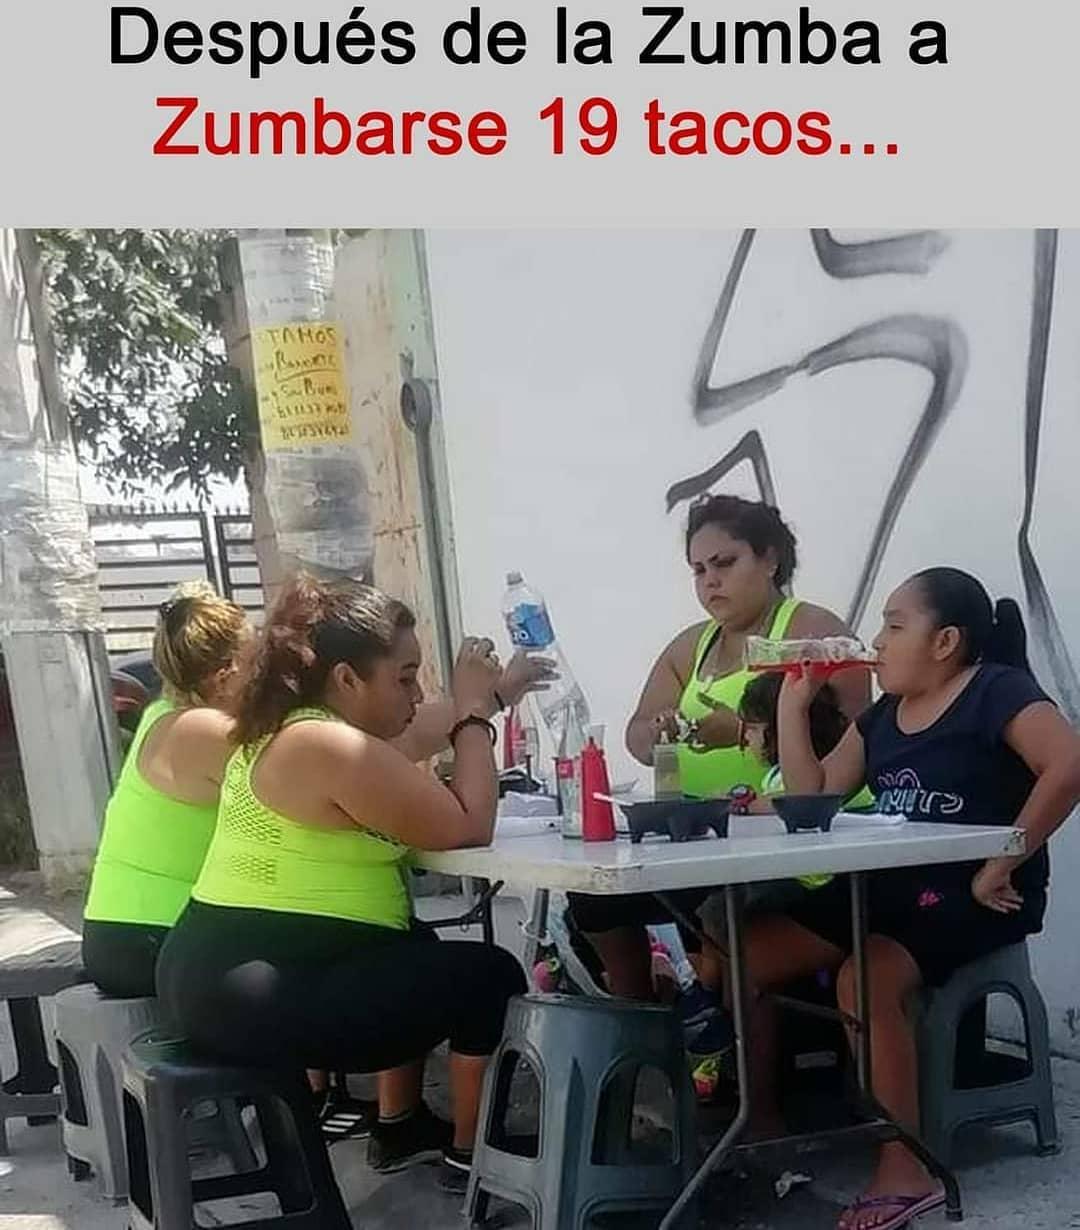 Después de la Zumba a Zumbarse 19 tacos...